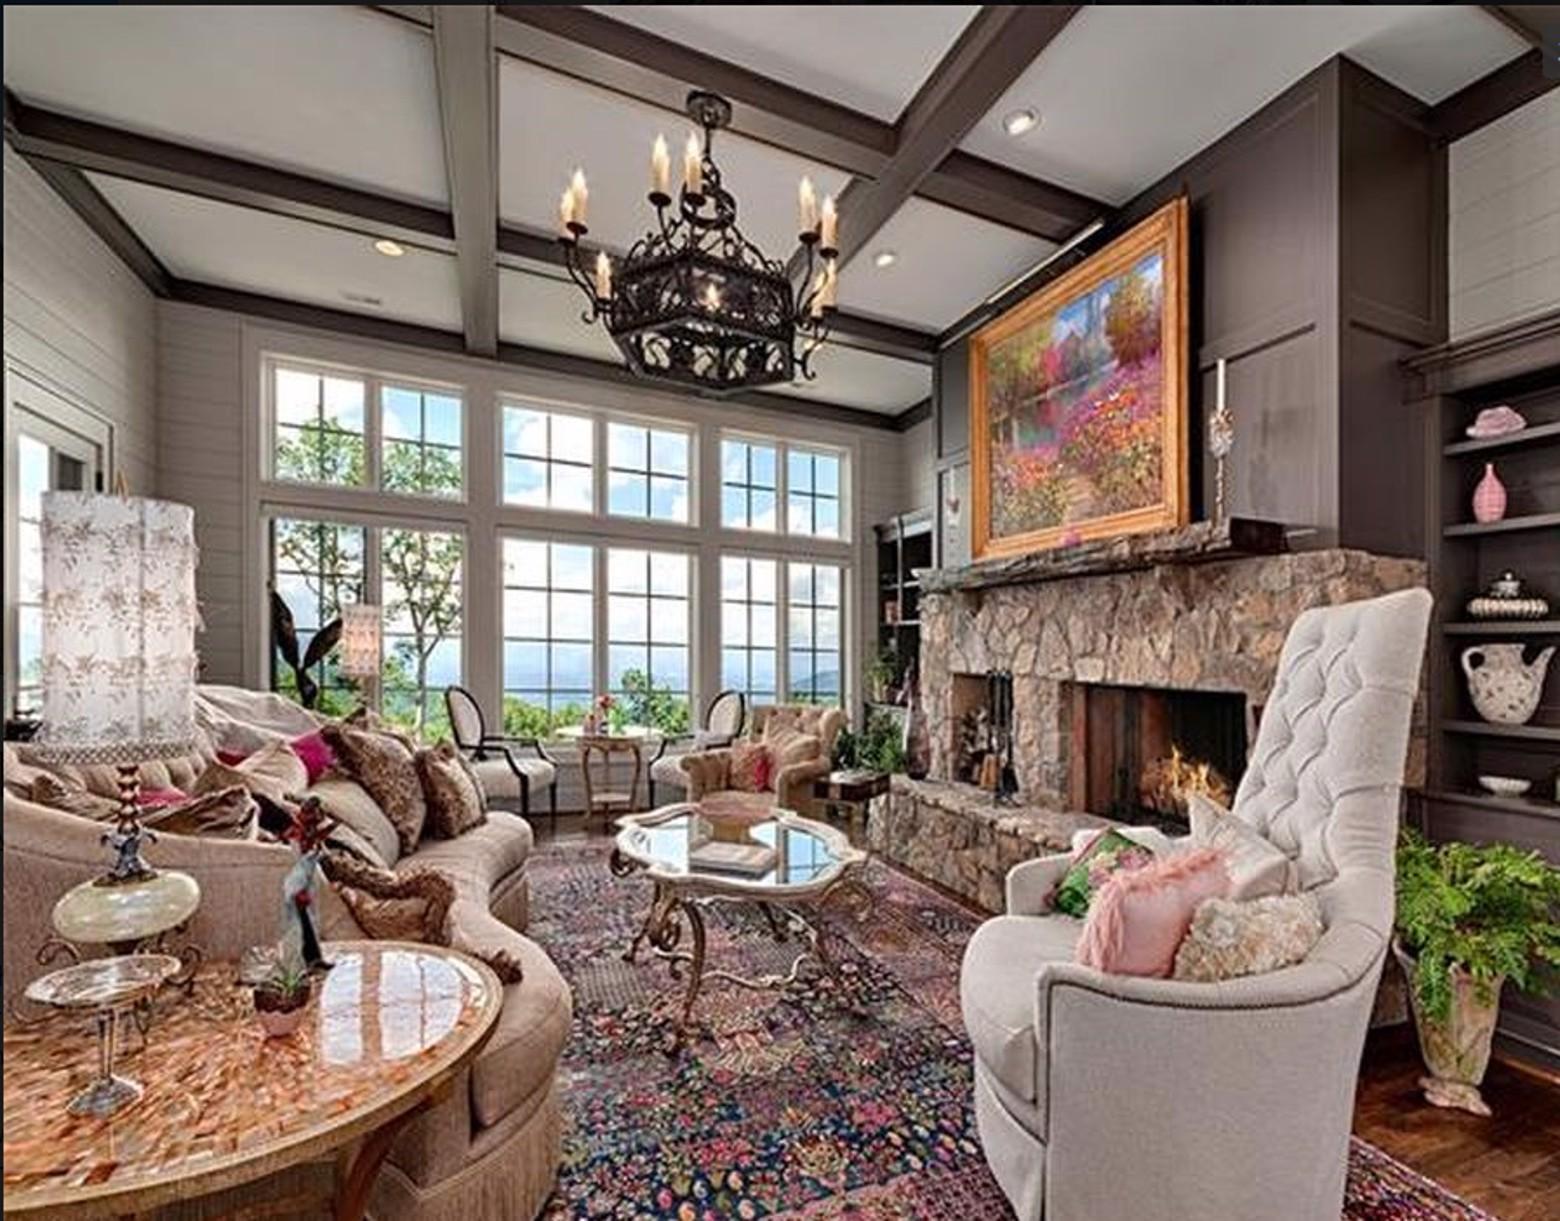 Asheville Mountain Home image